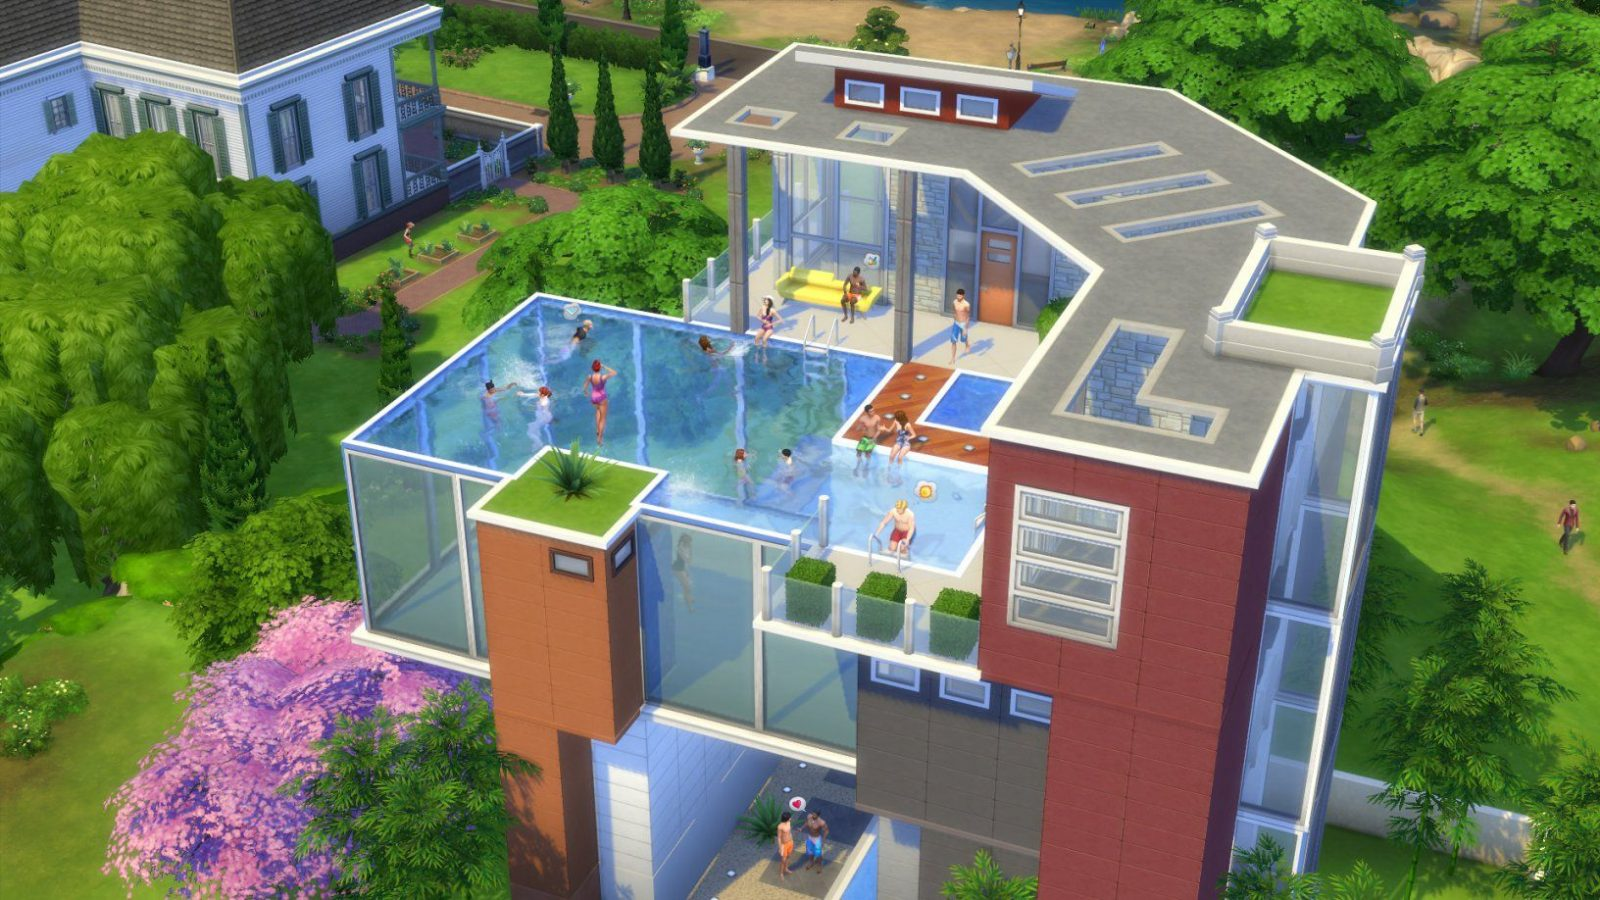 Sims 3 Haus Bauen Mit Erfahre Bei Uns Alle Zu Den Pools In Die Sims von Sims 4 Haus Bauen Photo